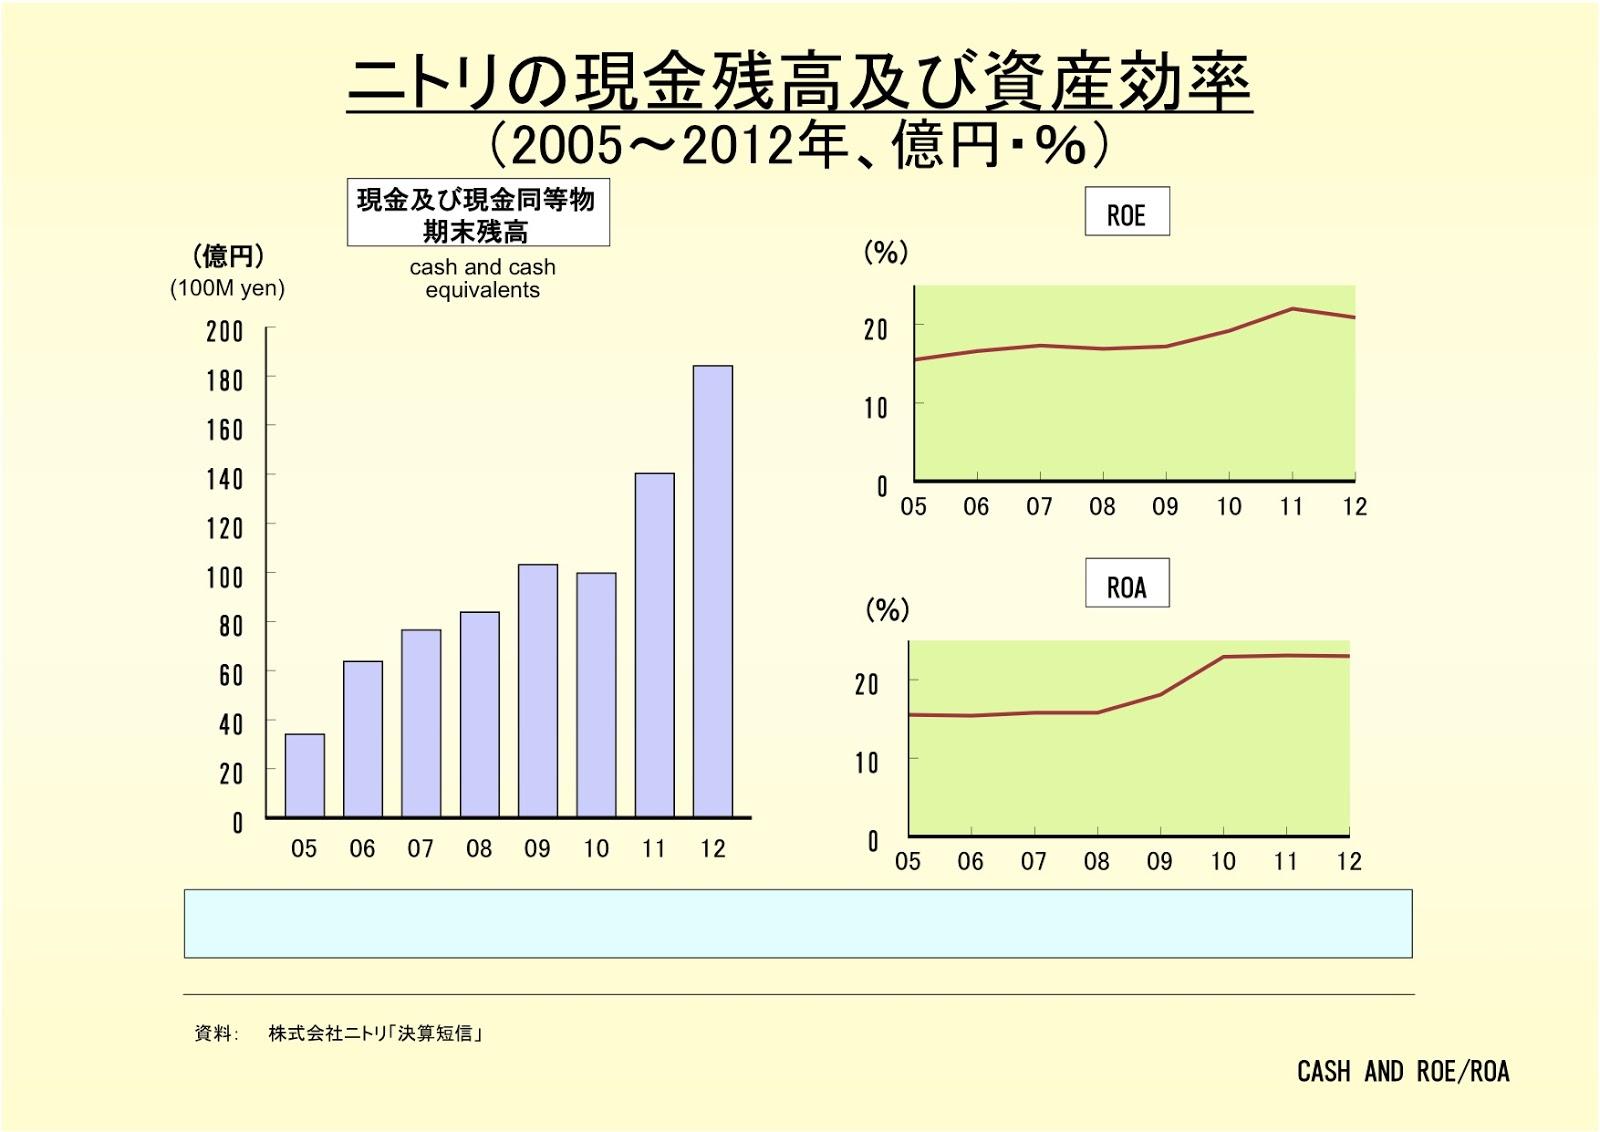 株式会社ニトリの現金残高及び資産効率